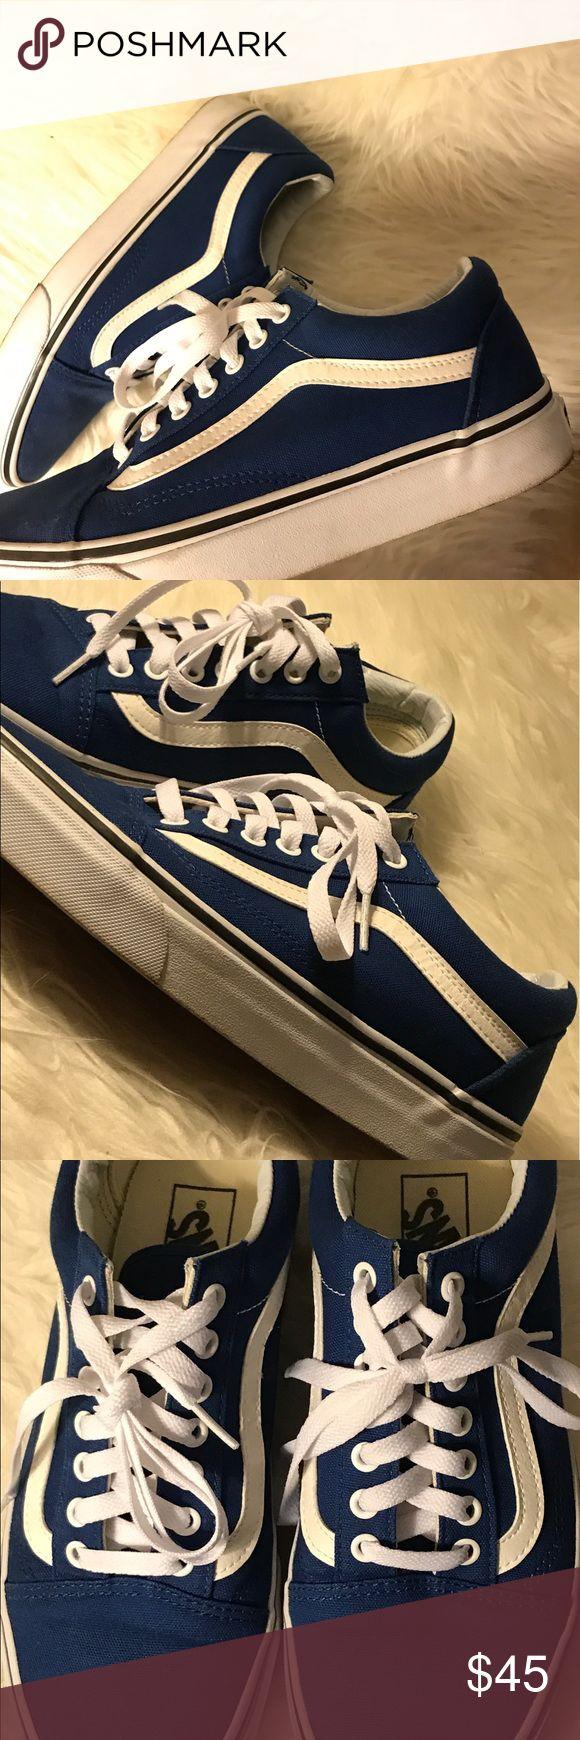 Vans old skool sk8 low Worn once| size 10 in women. Vans Shoes Sneakers